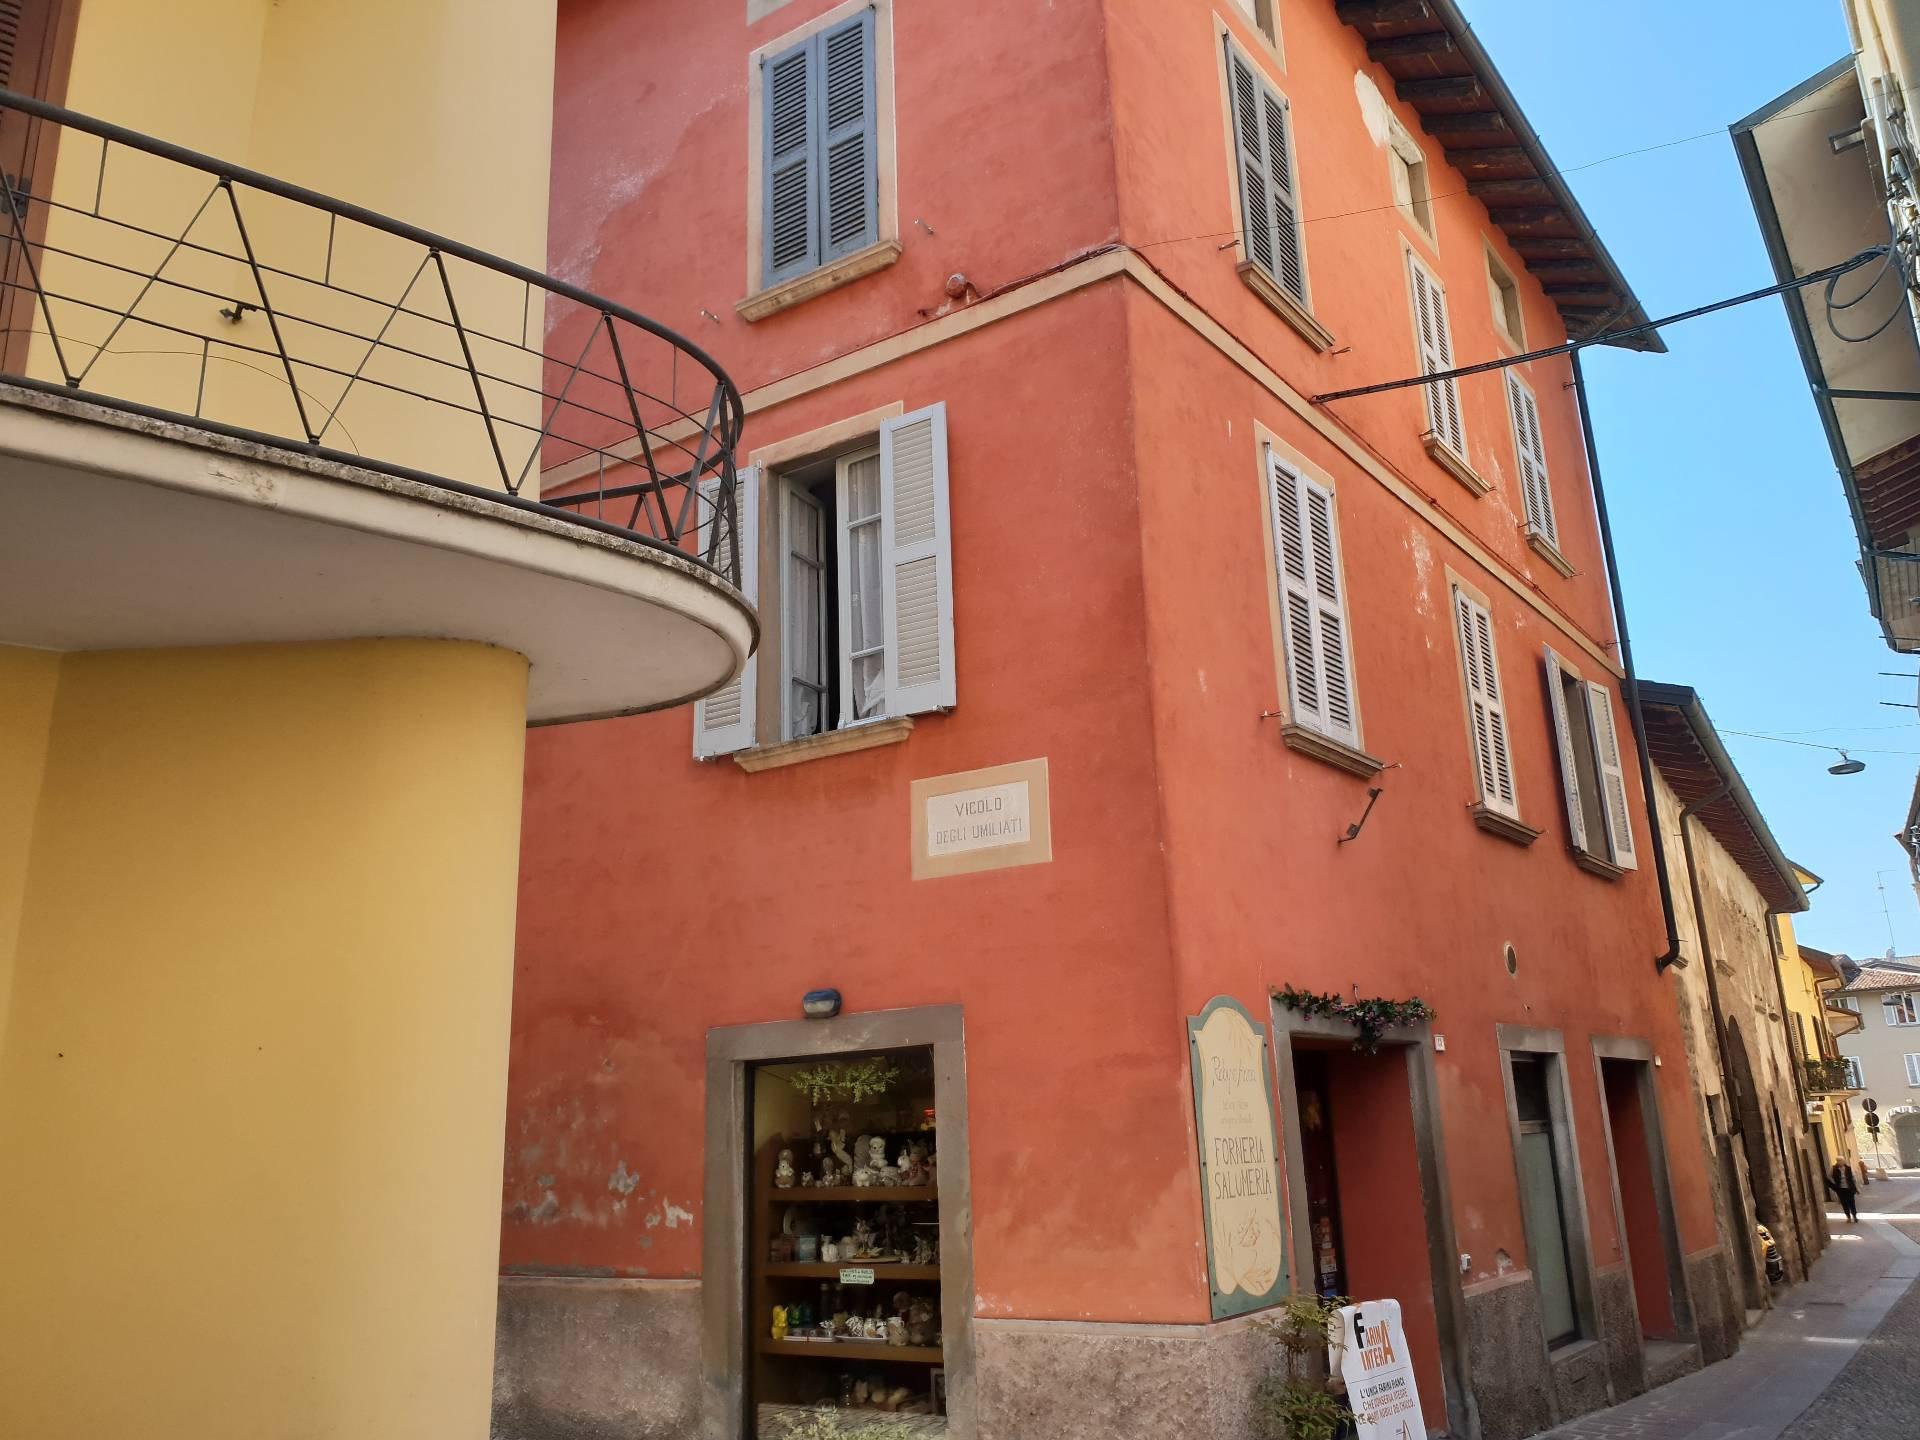 Appartamento in vendita a Palazzolo sull'Oglio, 8 locali, Trattative riservate | PortaleAgenzieImmobiliari.it